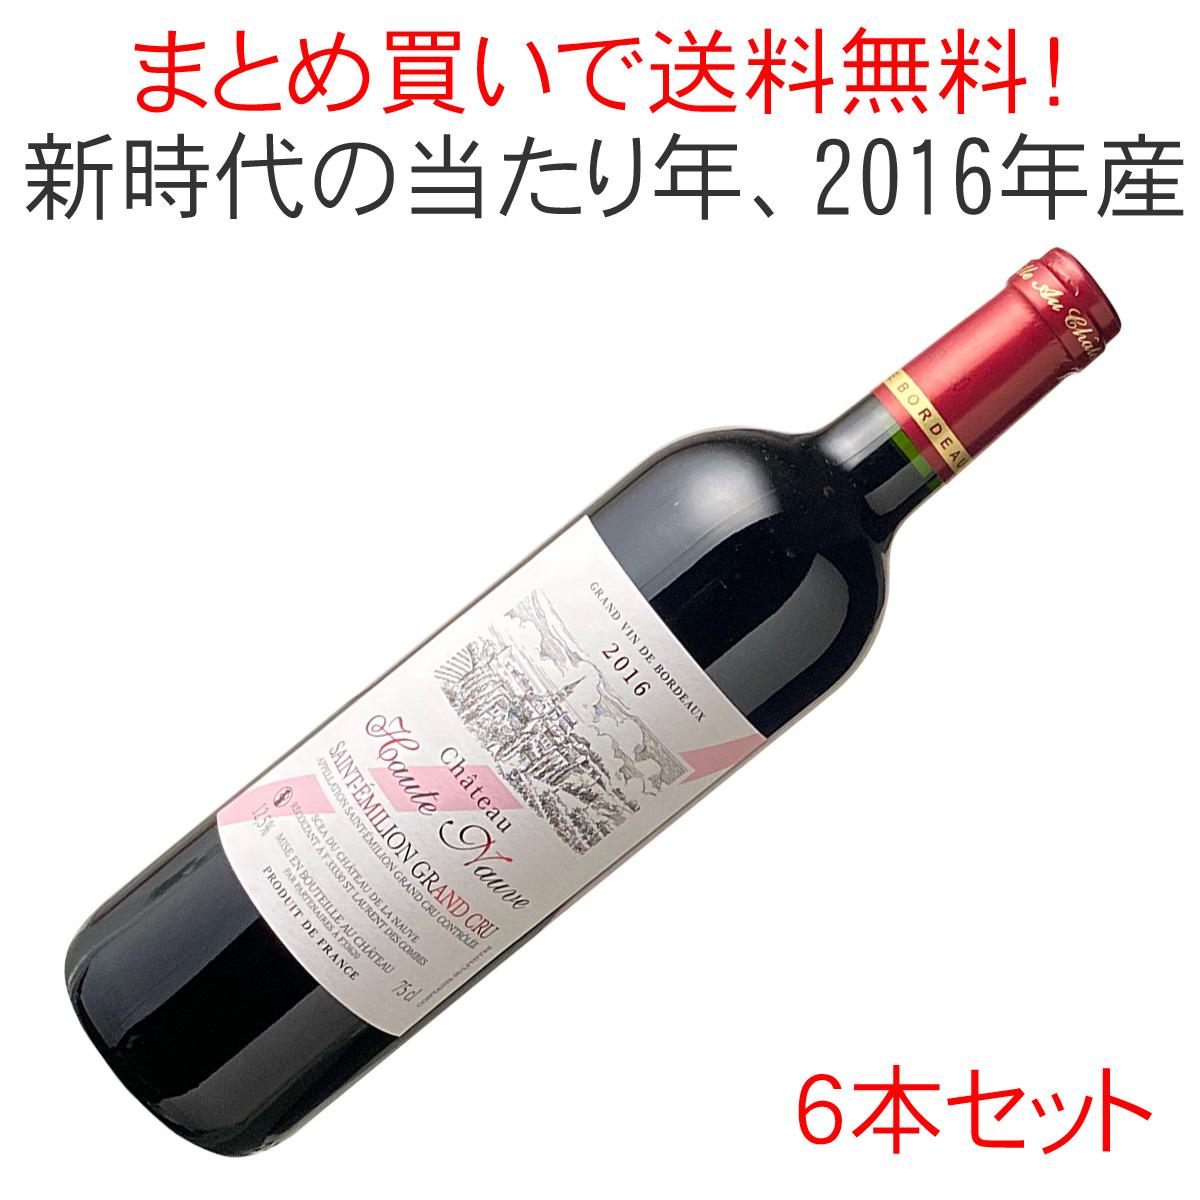 【送料無料】シャトー・オート・ノーヴ [2016] 1ケース6本セット <赤> <ワイン/ボルドー>